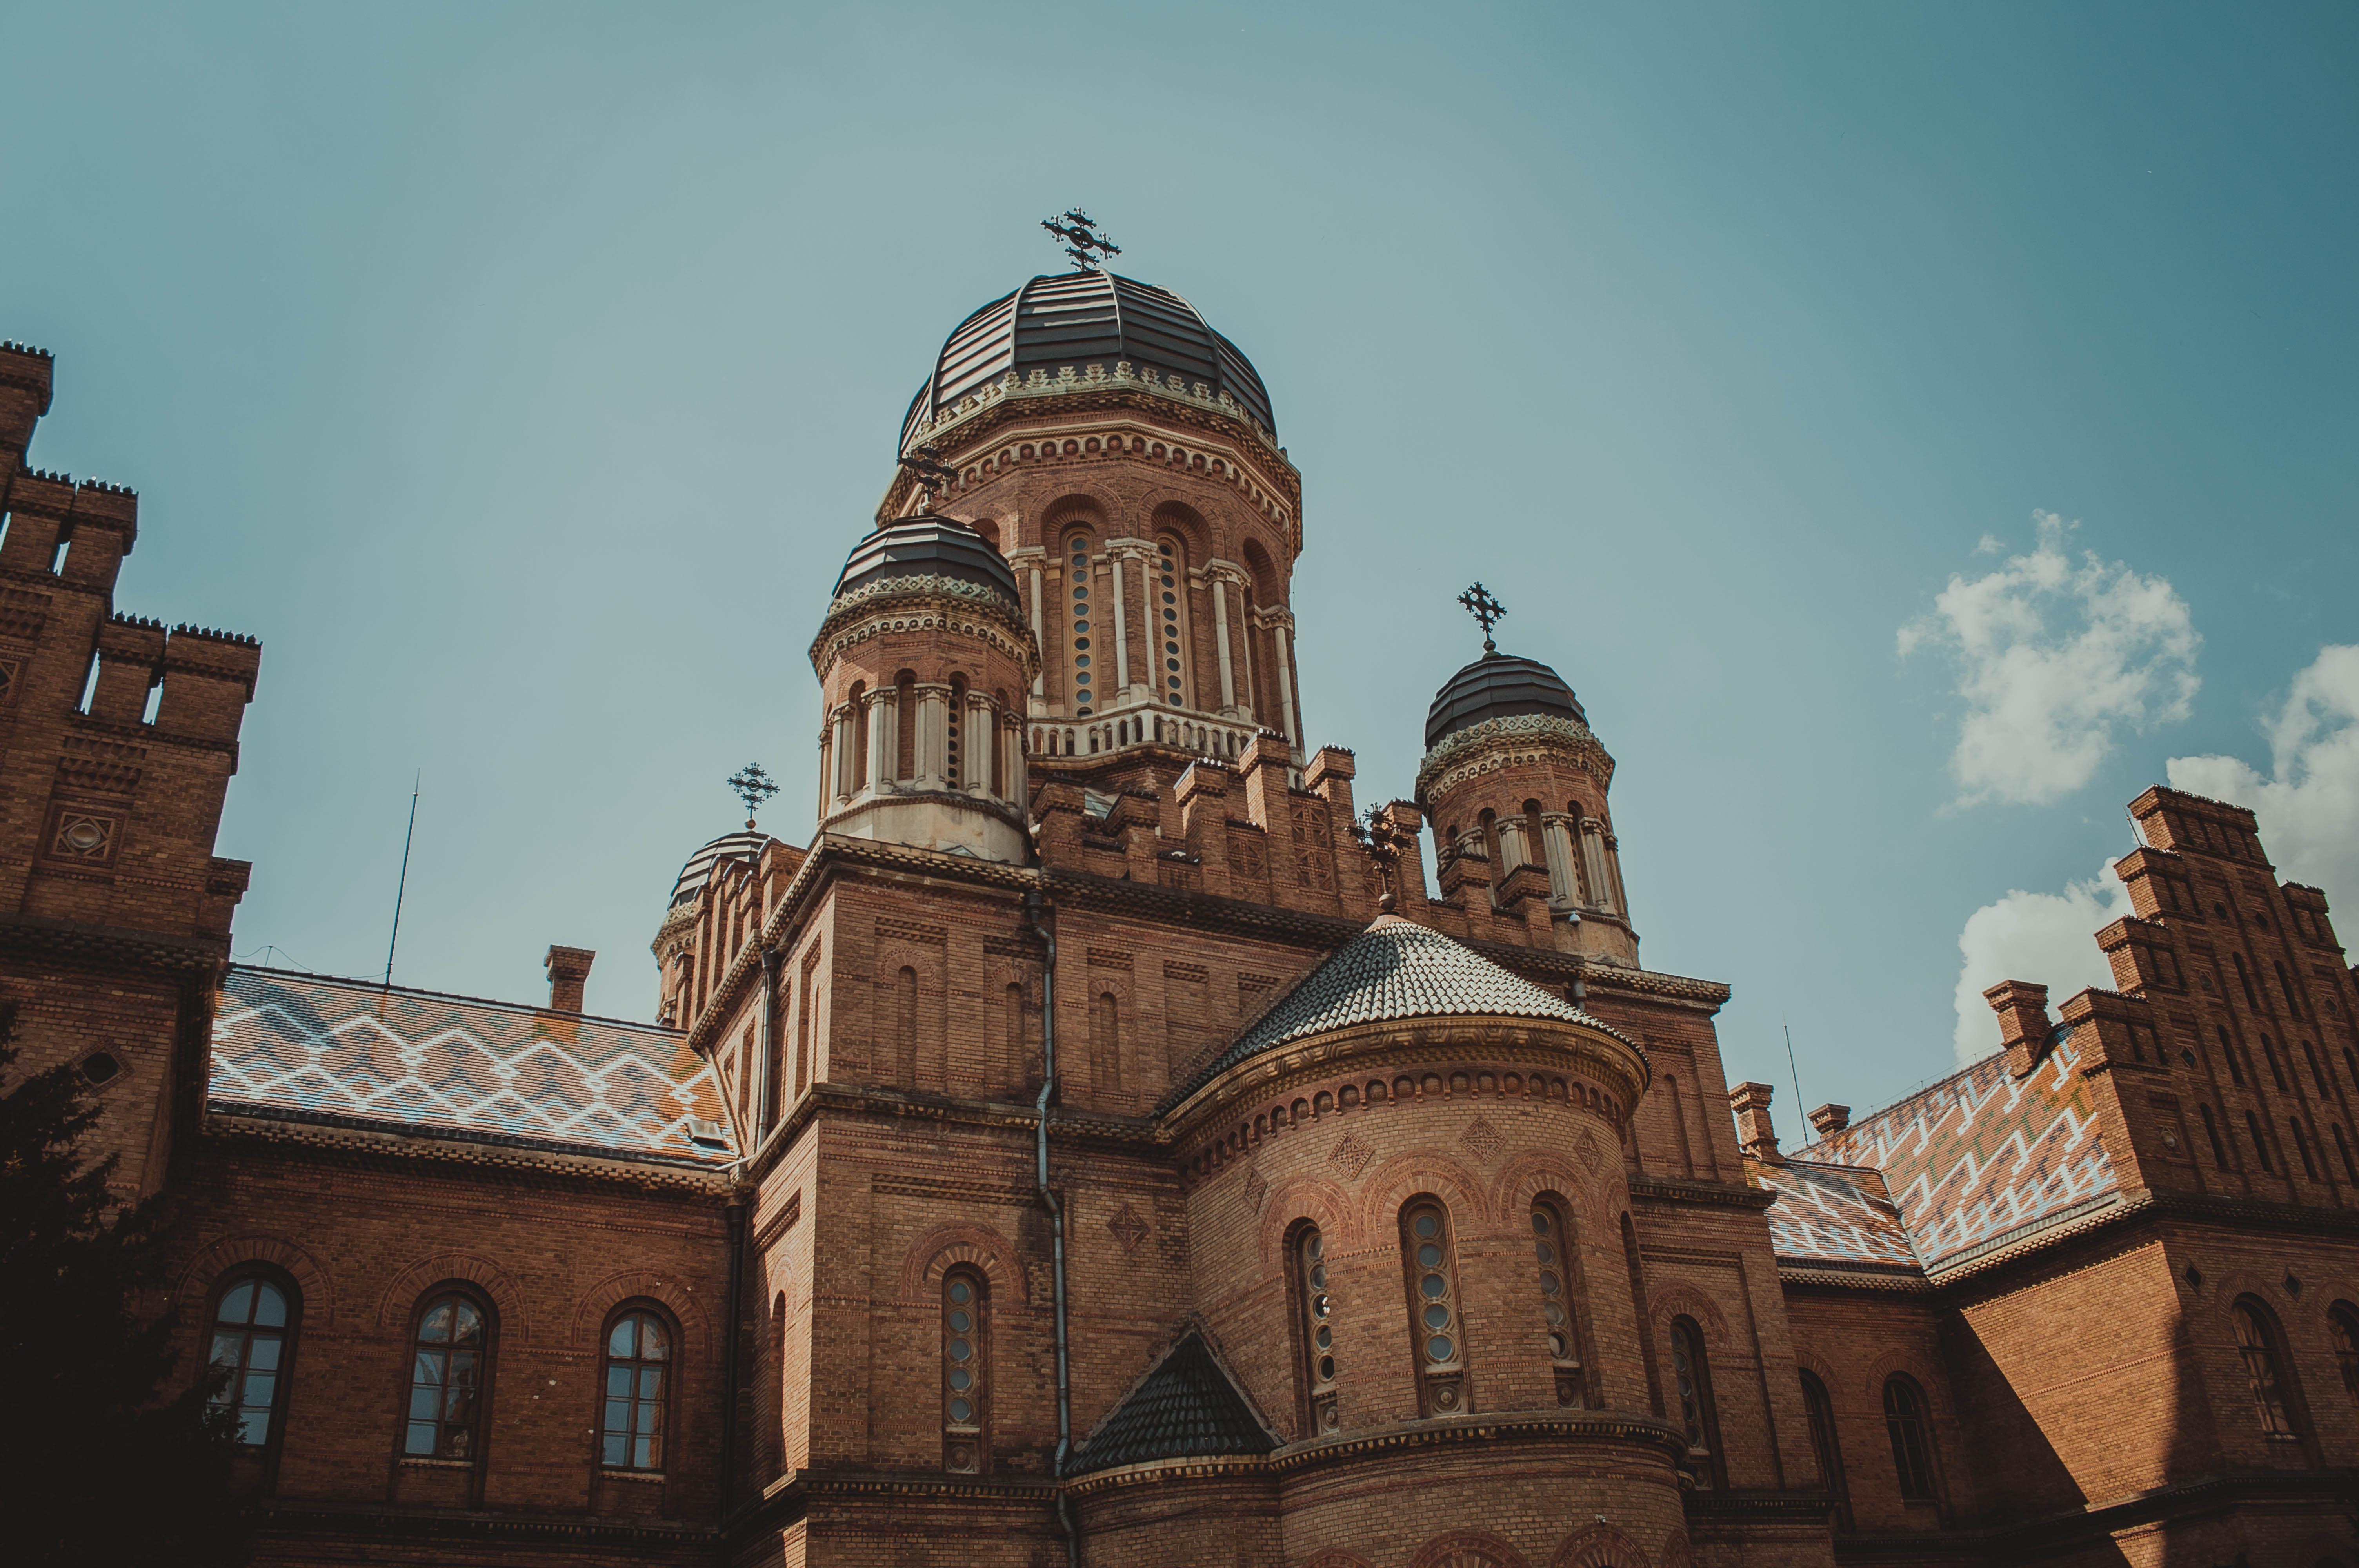 Черновицкий университет - бывшая резиденция митрополитов